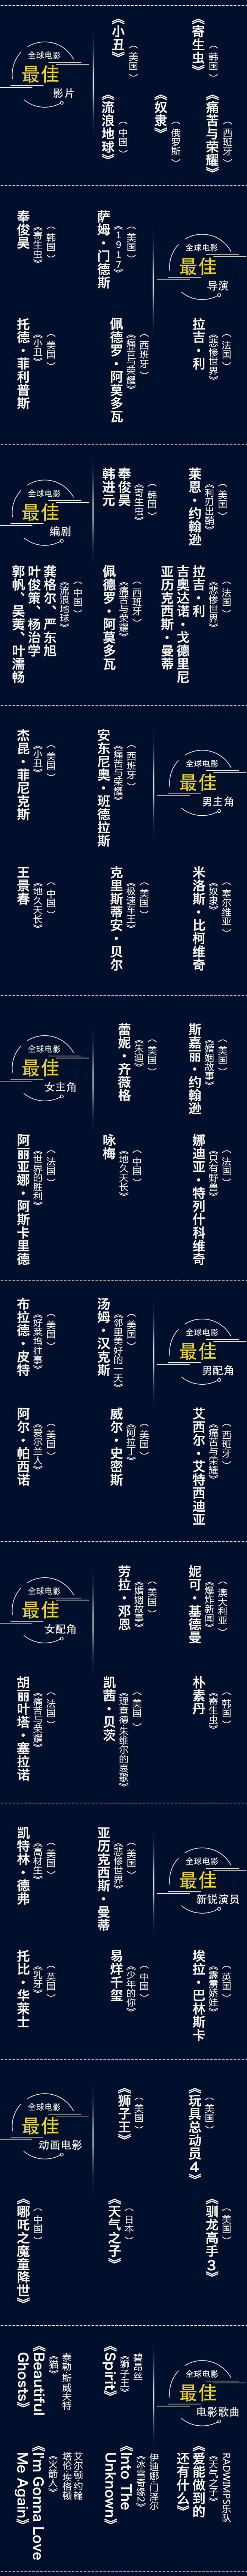 韩国三级女主上班之前口男主据报道日本政府将决定把澳大利亚韩国新加坡泰国中国新西兰文莱和越南等国家和地区的传染病危险提醒从三级降为二级.(图1)